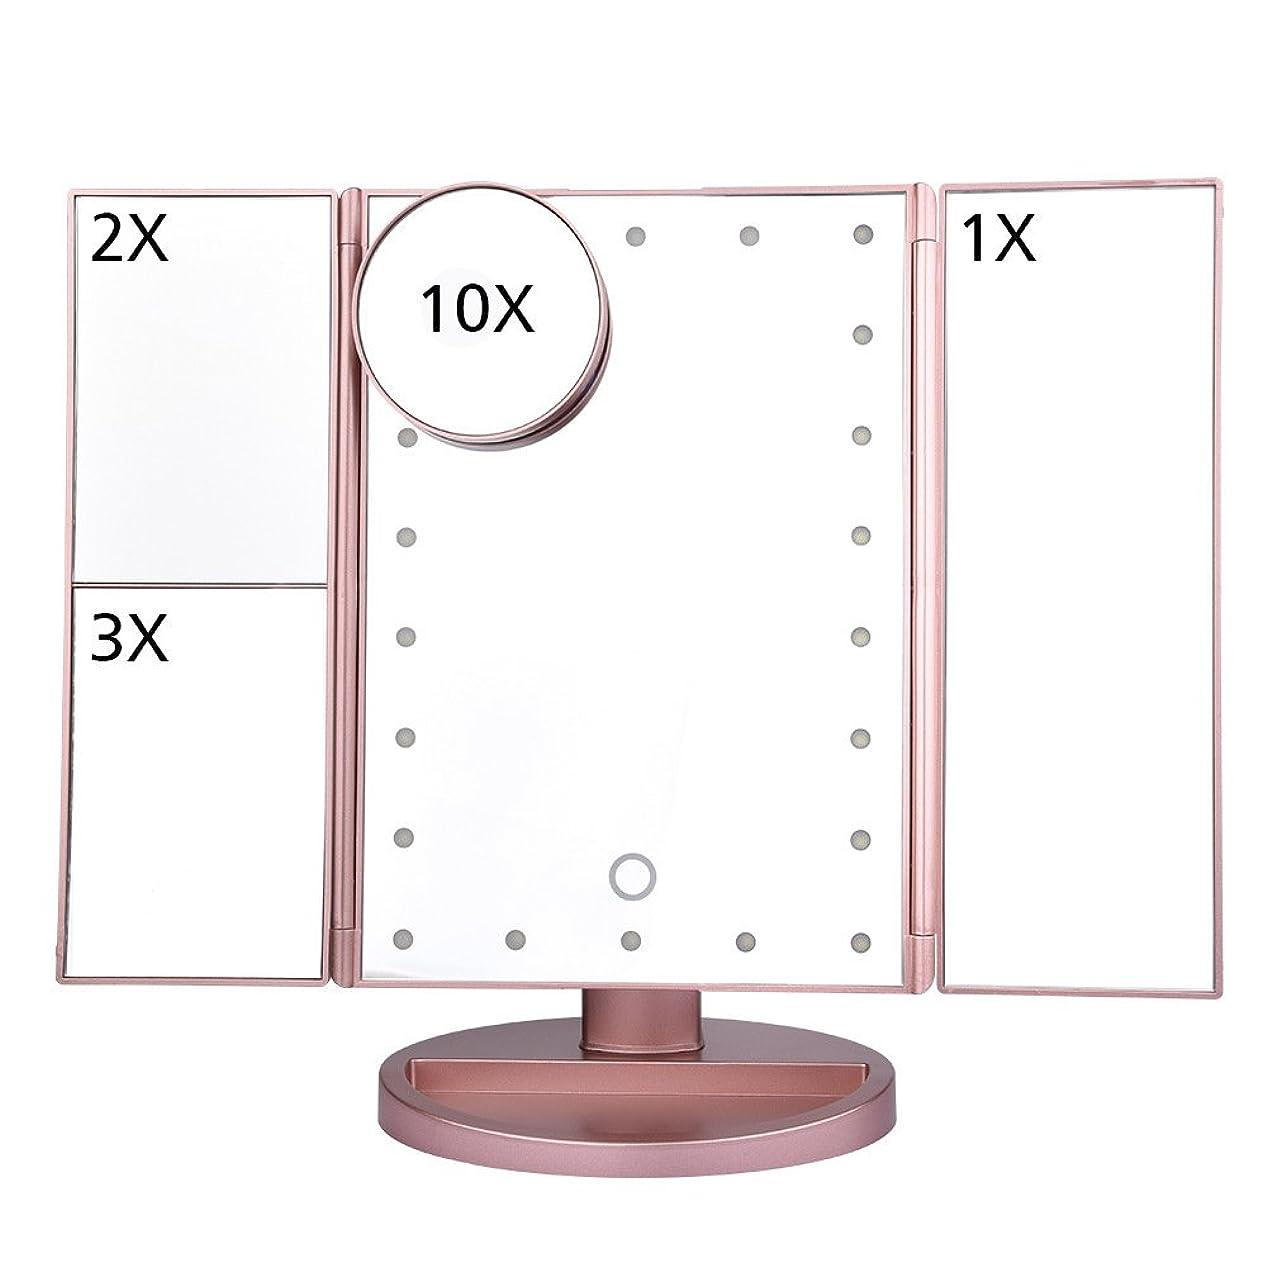 煩わしい排除する繰り返したRAKU 化粧鏡 LED三面鏡 卓上ミラー 卓上メークミラー 三つ折タイプ 2倍 3倍 10倍拡大鏡付き 明るさ調節可能 180度自由回転 22個LEDライト付き USB/単四電池給電 三つ折卓上化粧鏡 女性のプレゼントに人気 収納台設計 かわいい ピンク